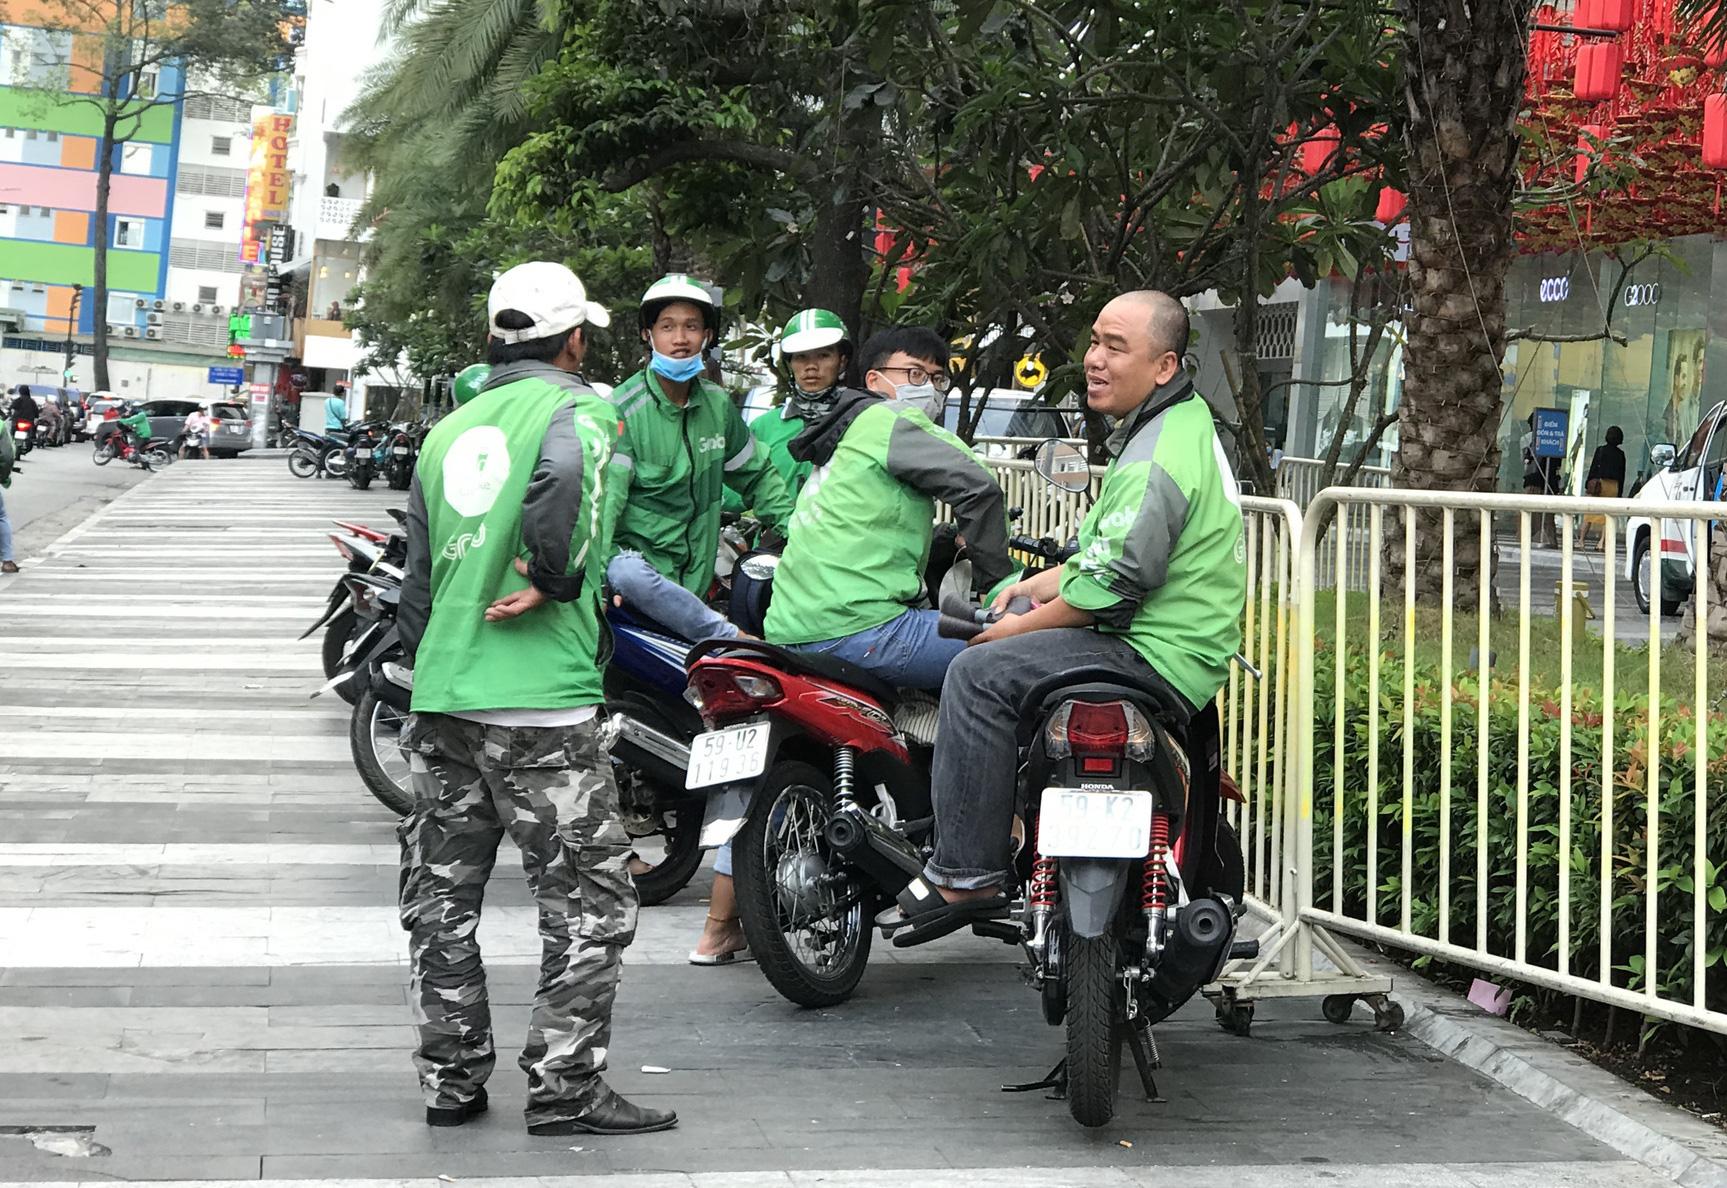 Ngày đầu tiên sau lệnh cấm mở cửa, hàng quán Sài Gòn tích cực chuyển sang bán online, giao hàng tận nơi  - Ảnh 2.